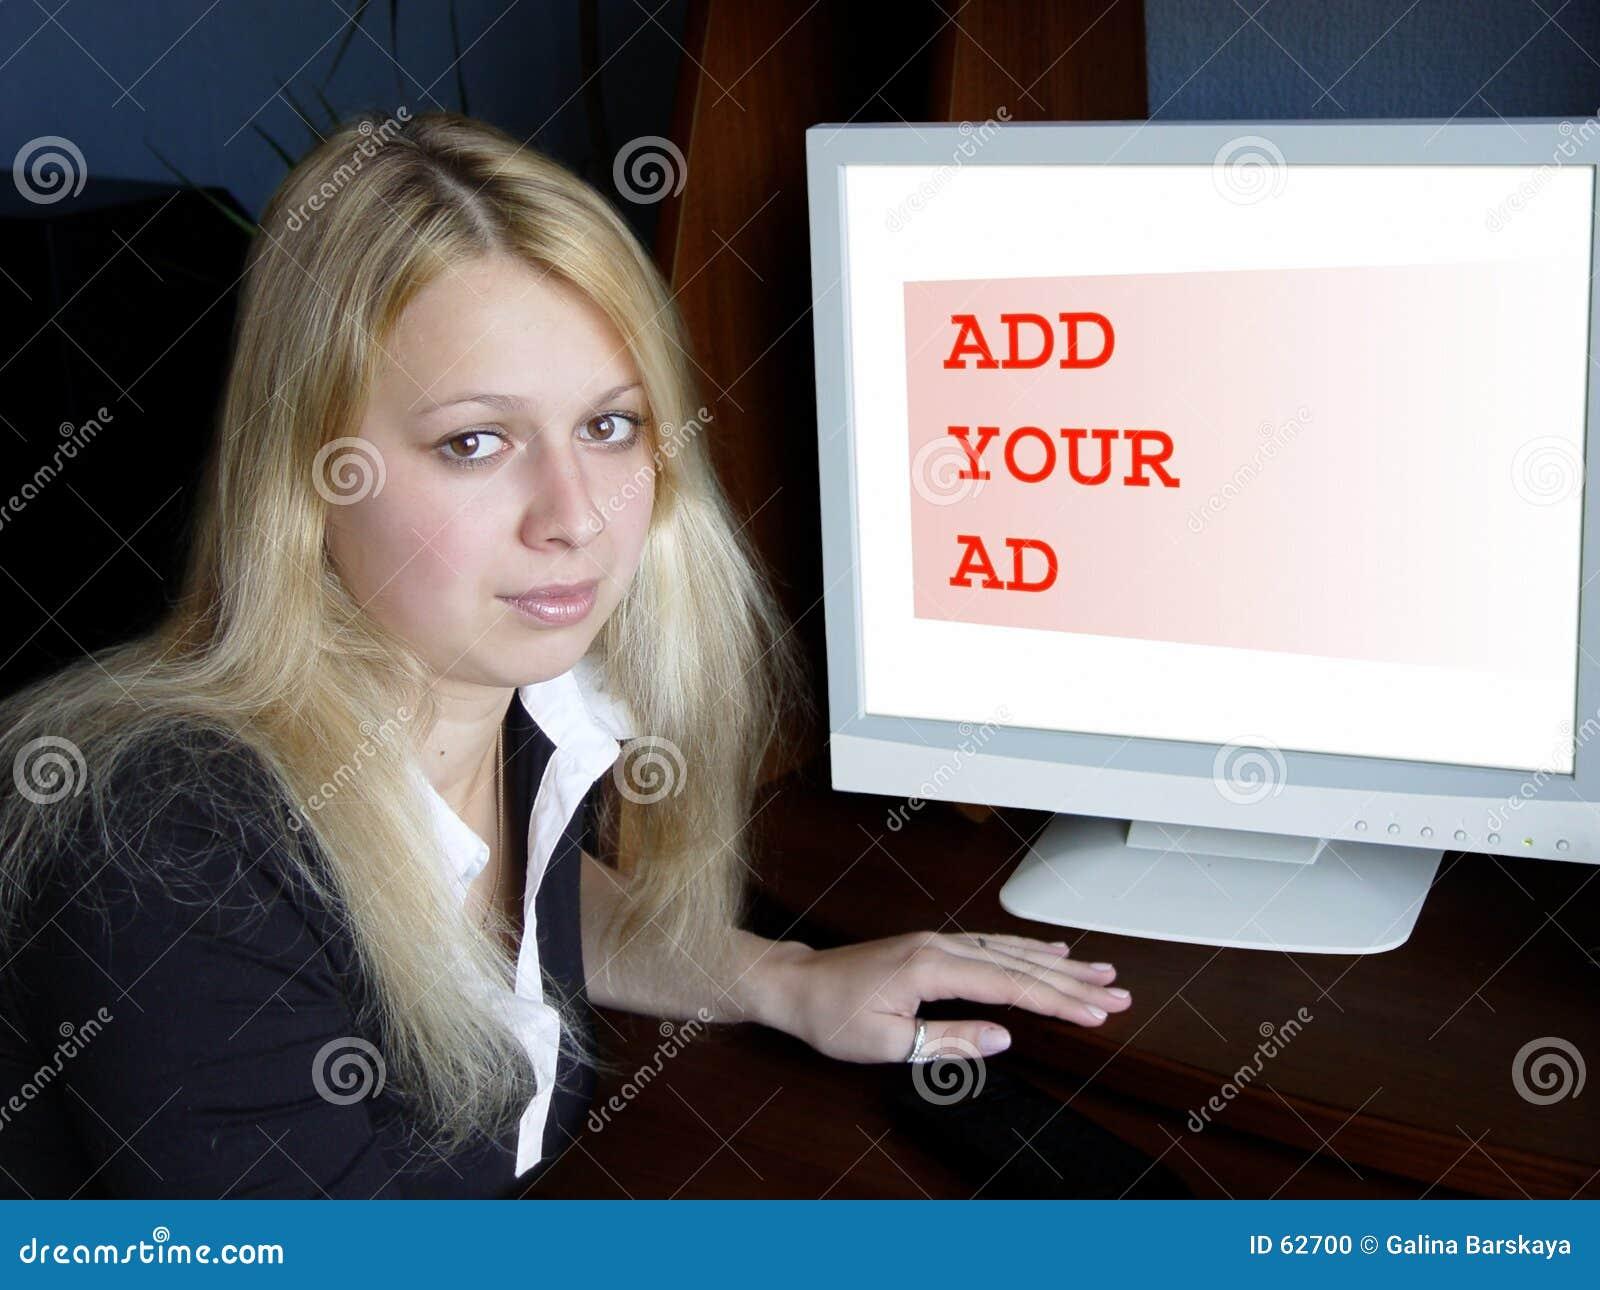 广告添加您